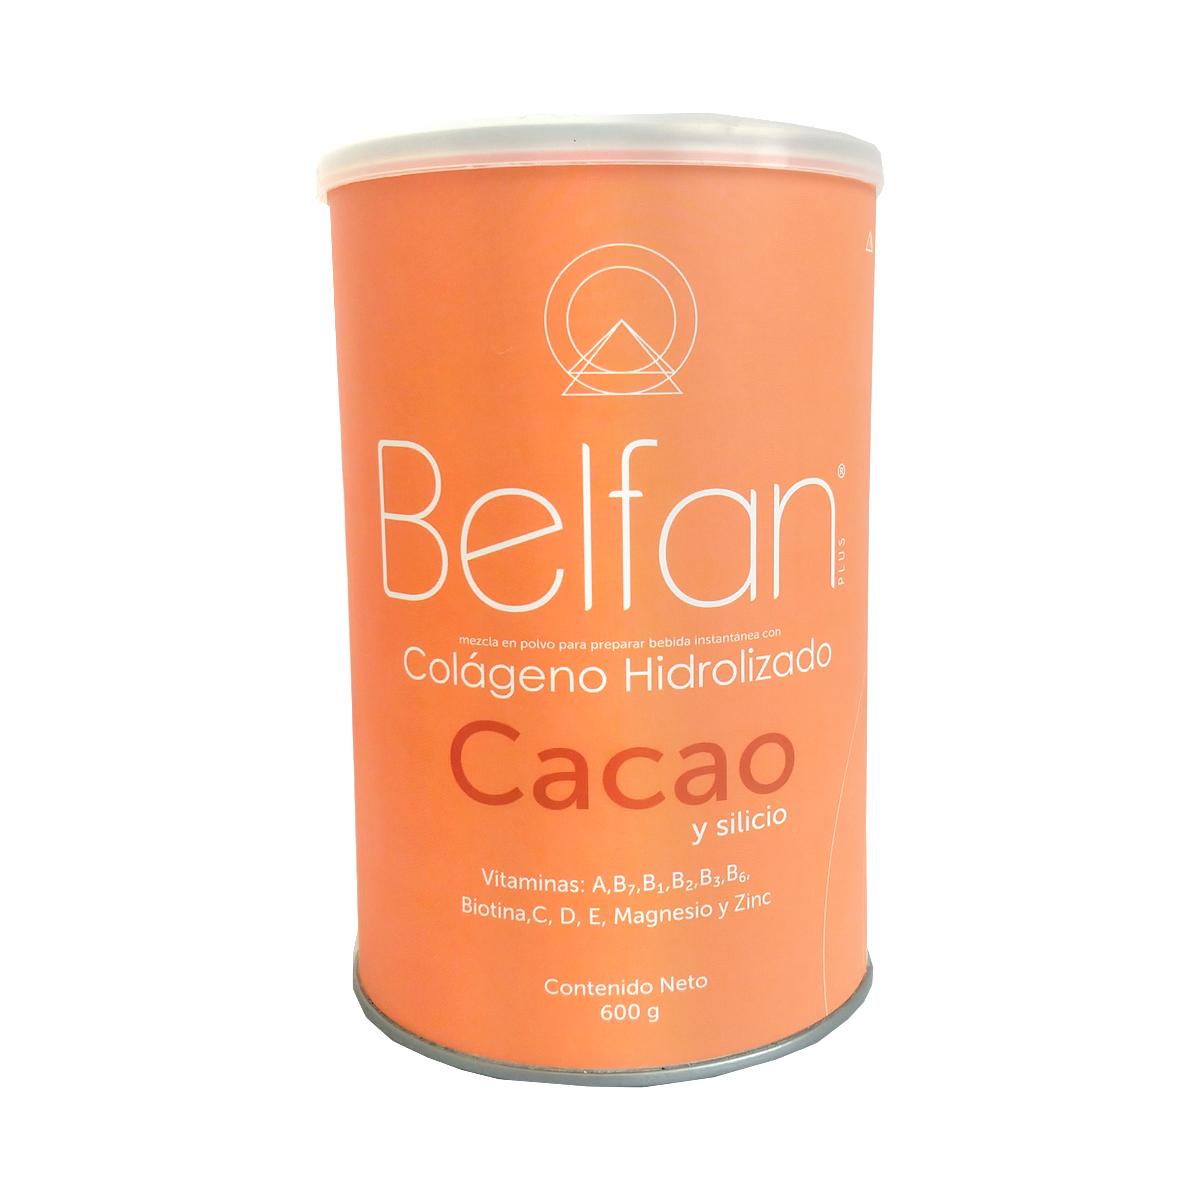 Colágeno Hidrolizado Belfan